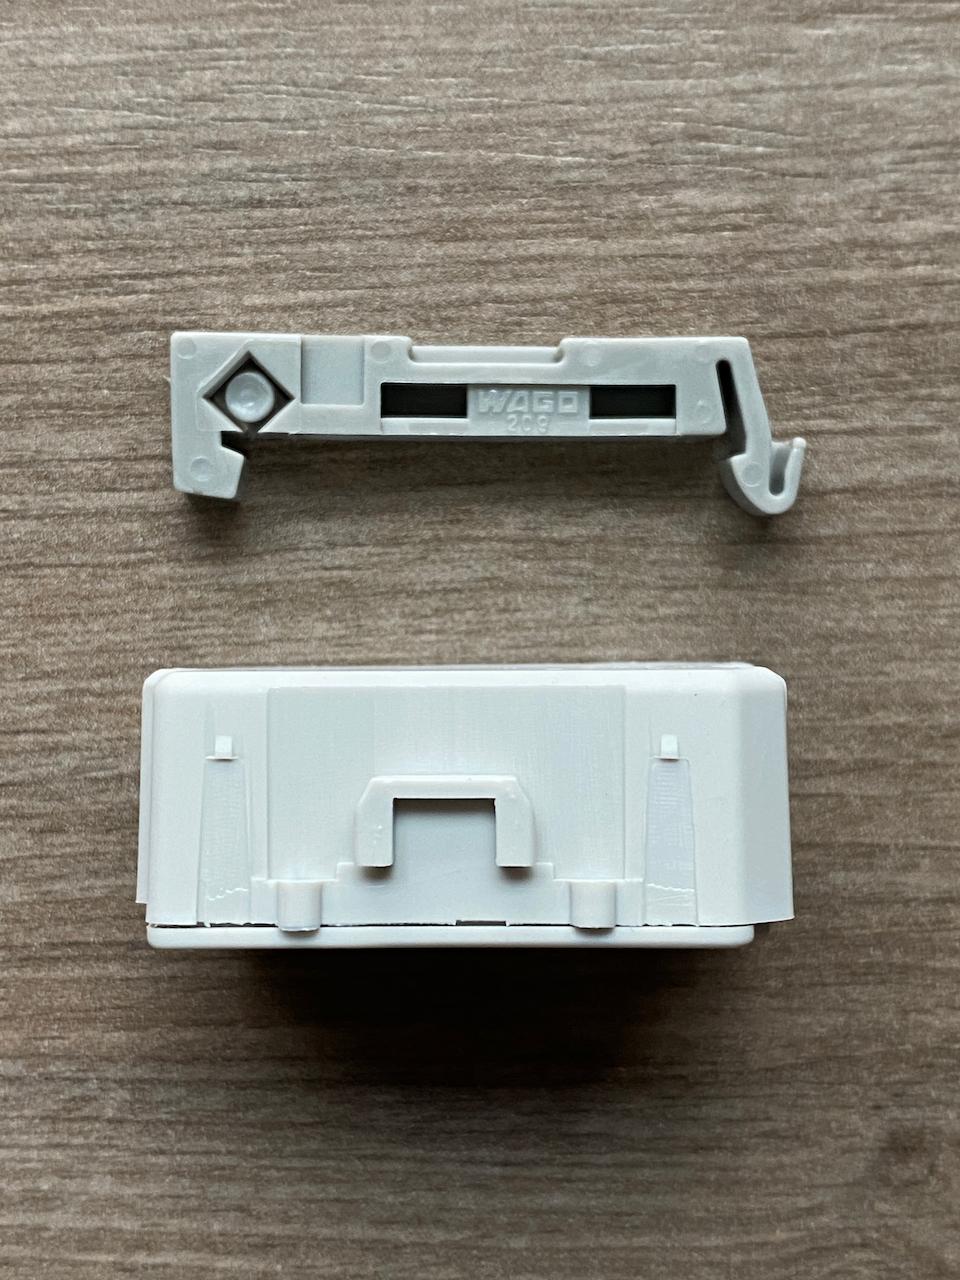 Der Homematic IP Dimmerkompensator lässt sich mittels erhältlichem Adapter auf einer Hutschiene montieren.